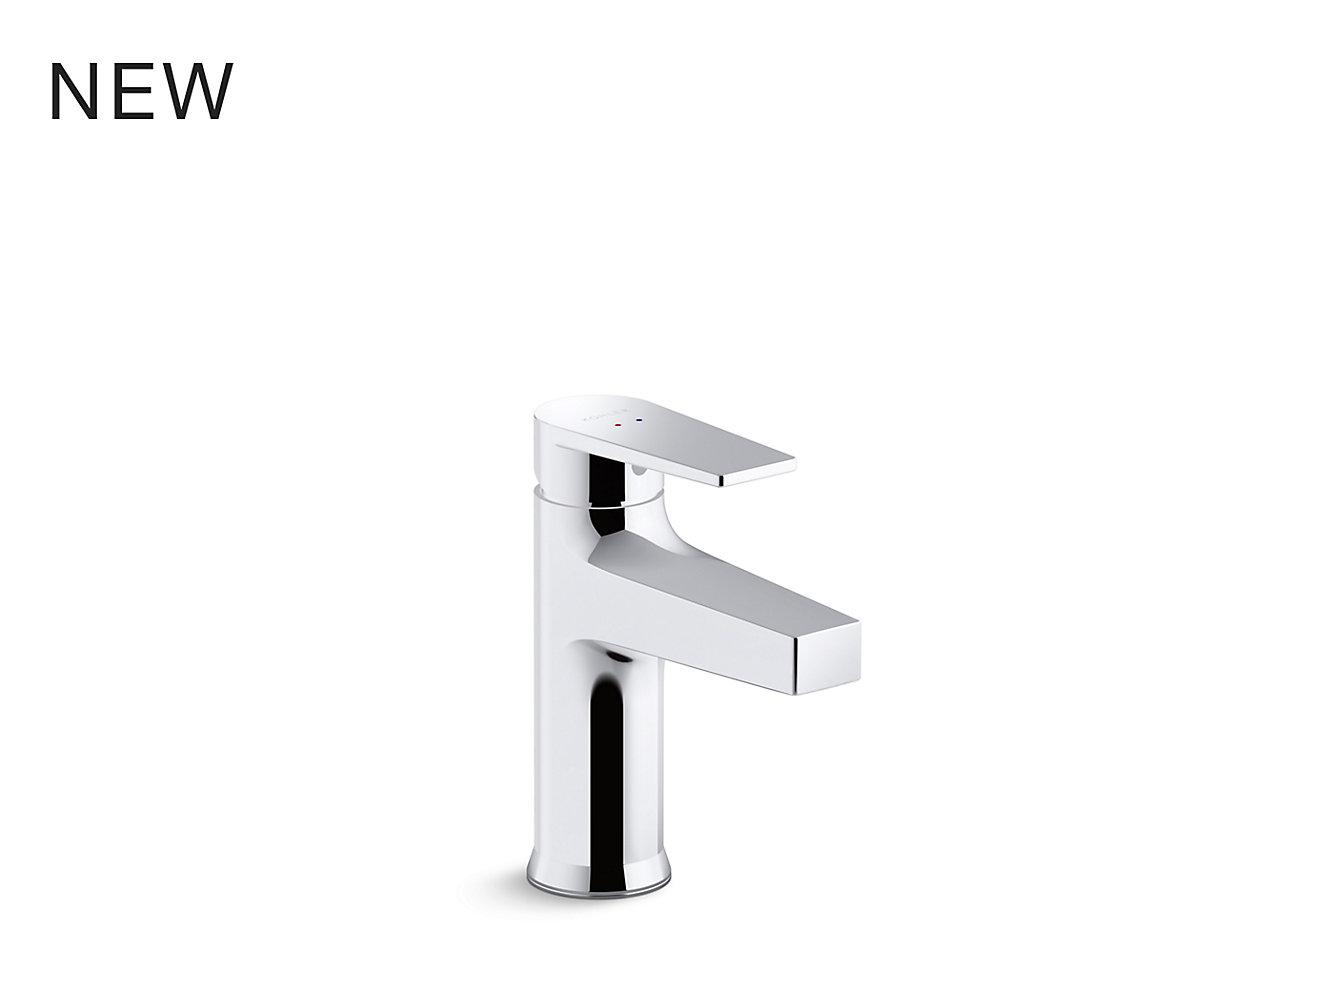 KOHLER | 74013M-4 | Taut(TM) Single Control Lavatory Faucet